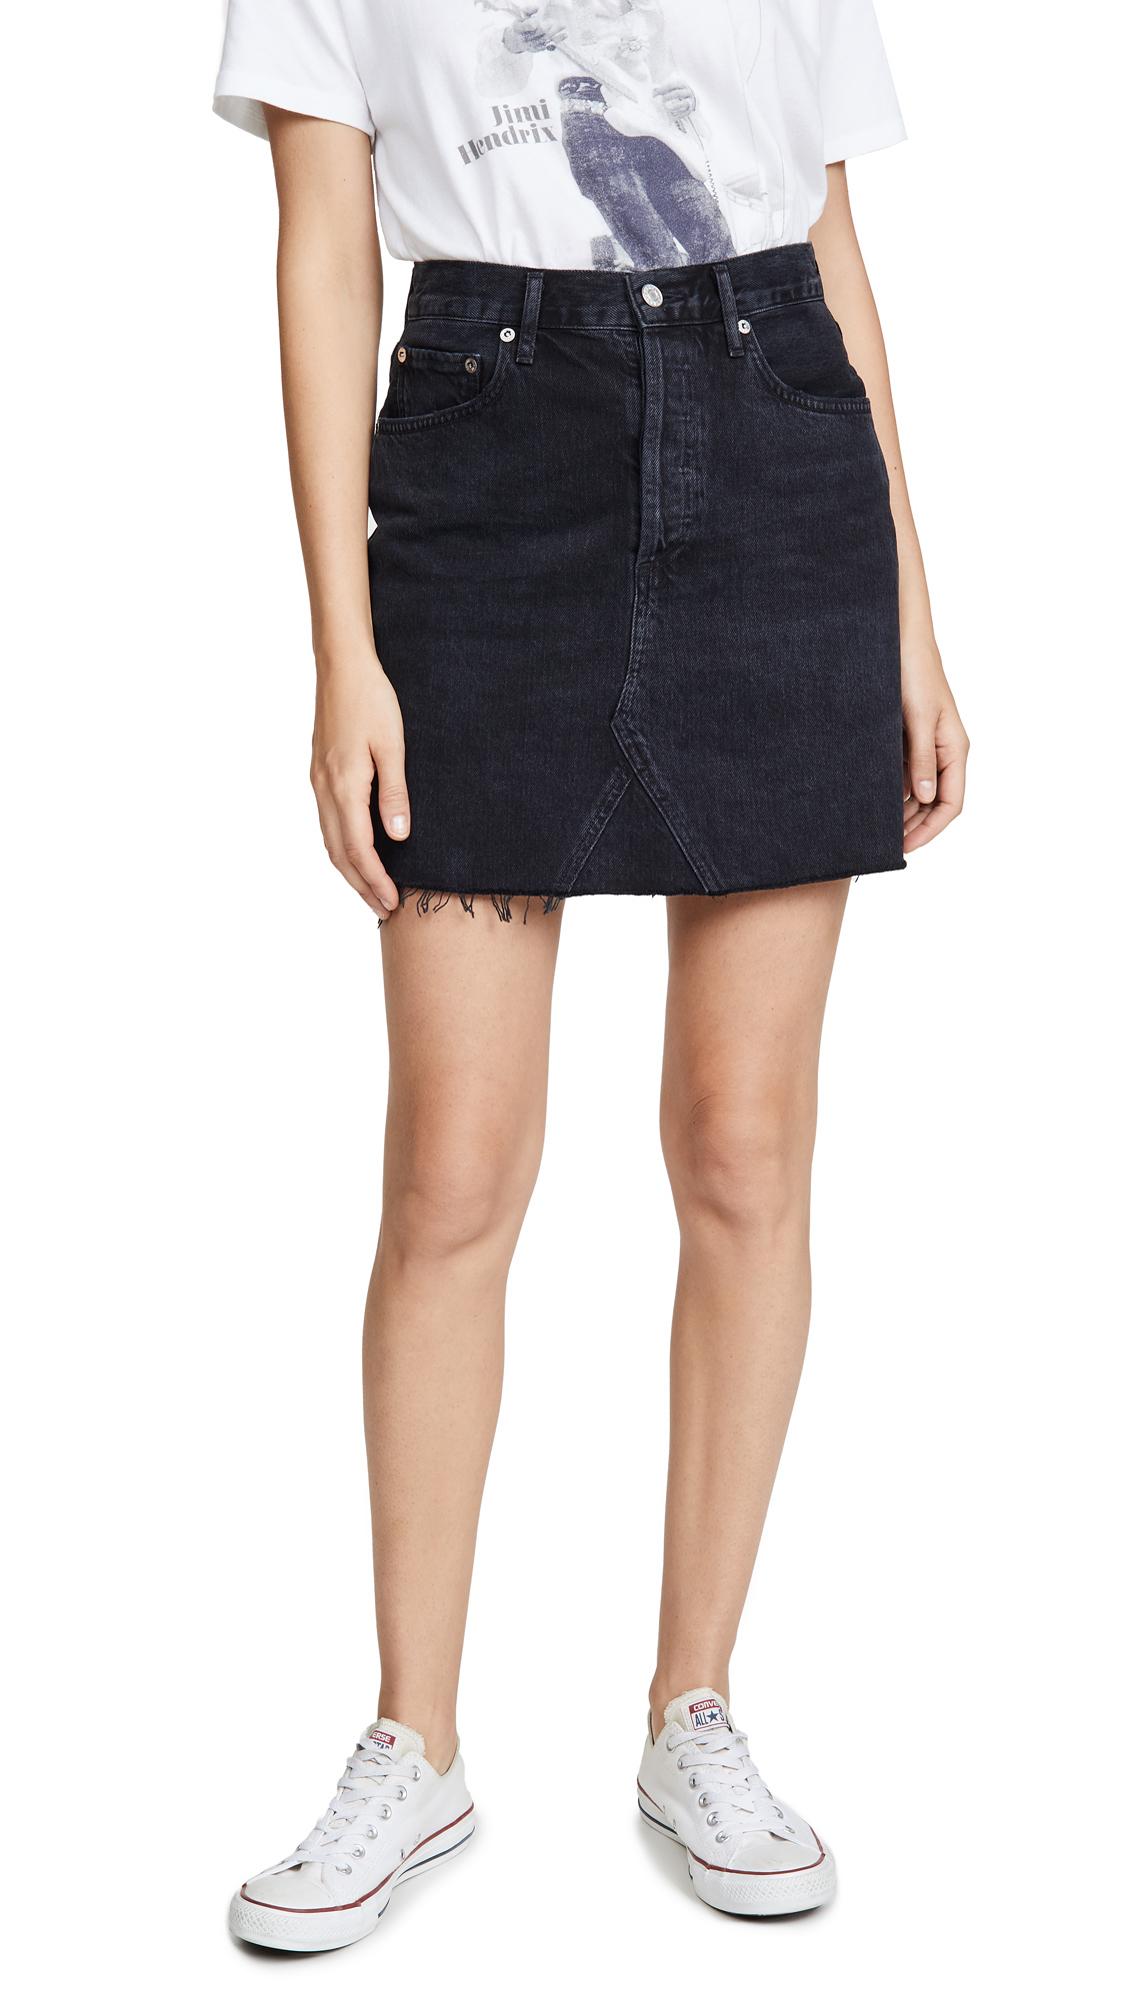 AGOLDE Ada Hi Rise Length Skirt - Pose